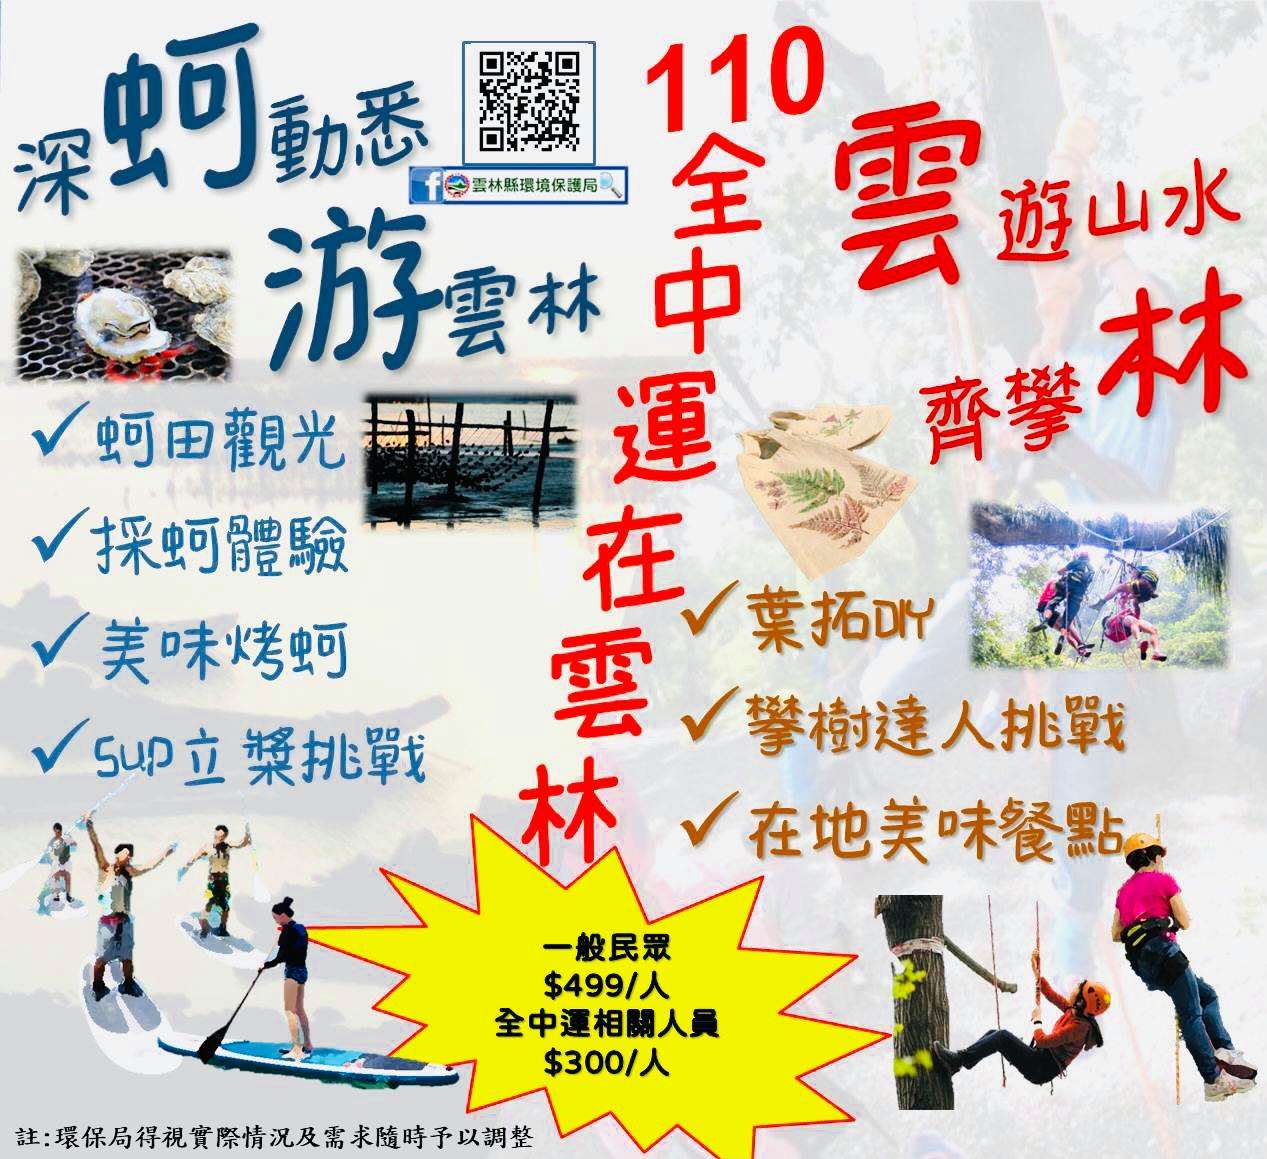 雲林縣環境輕旅行路線001